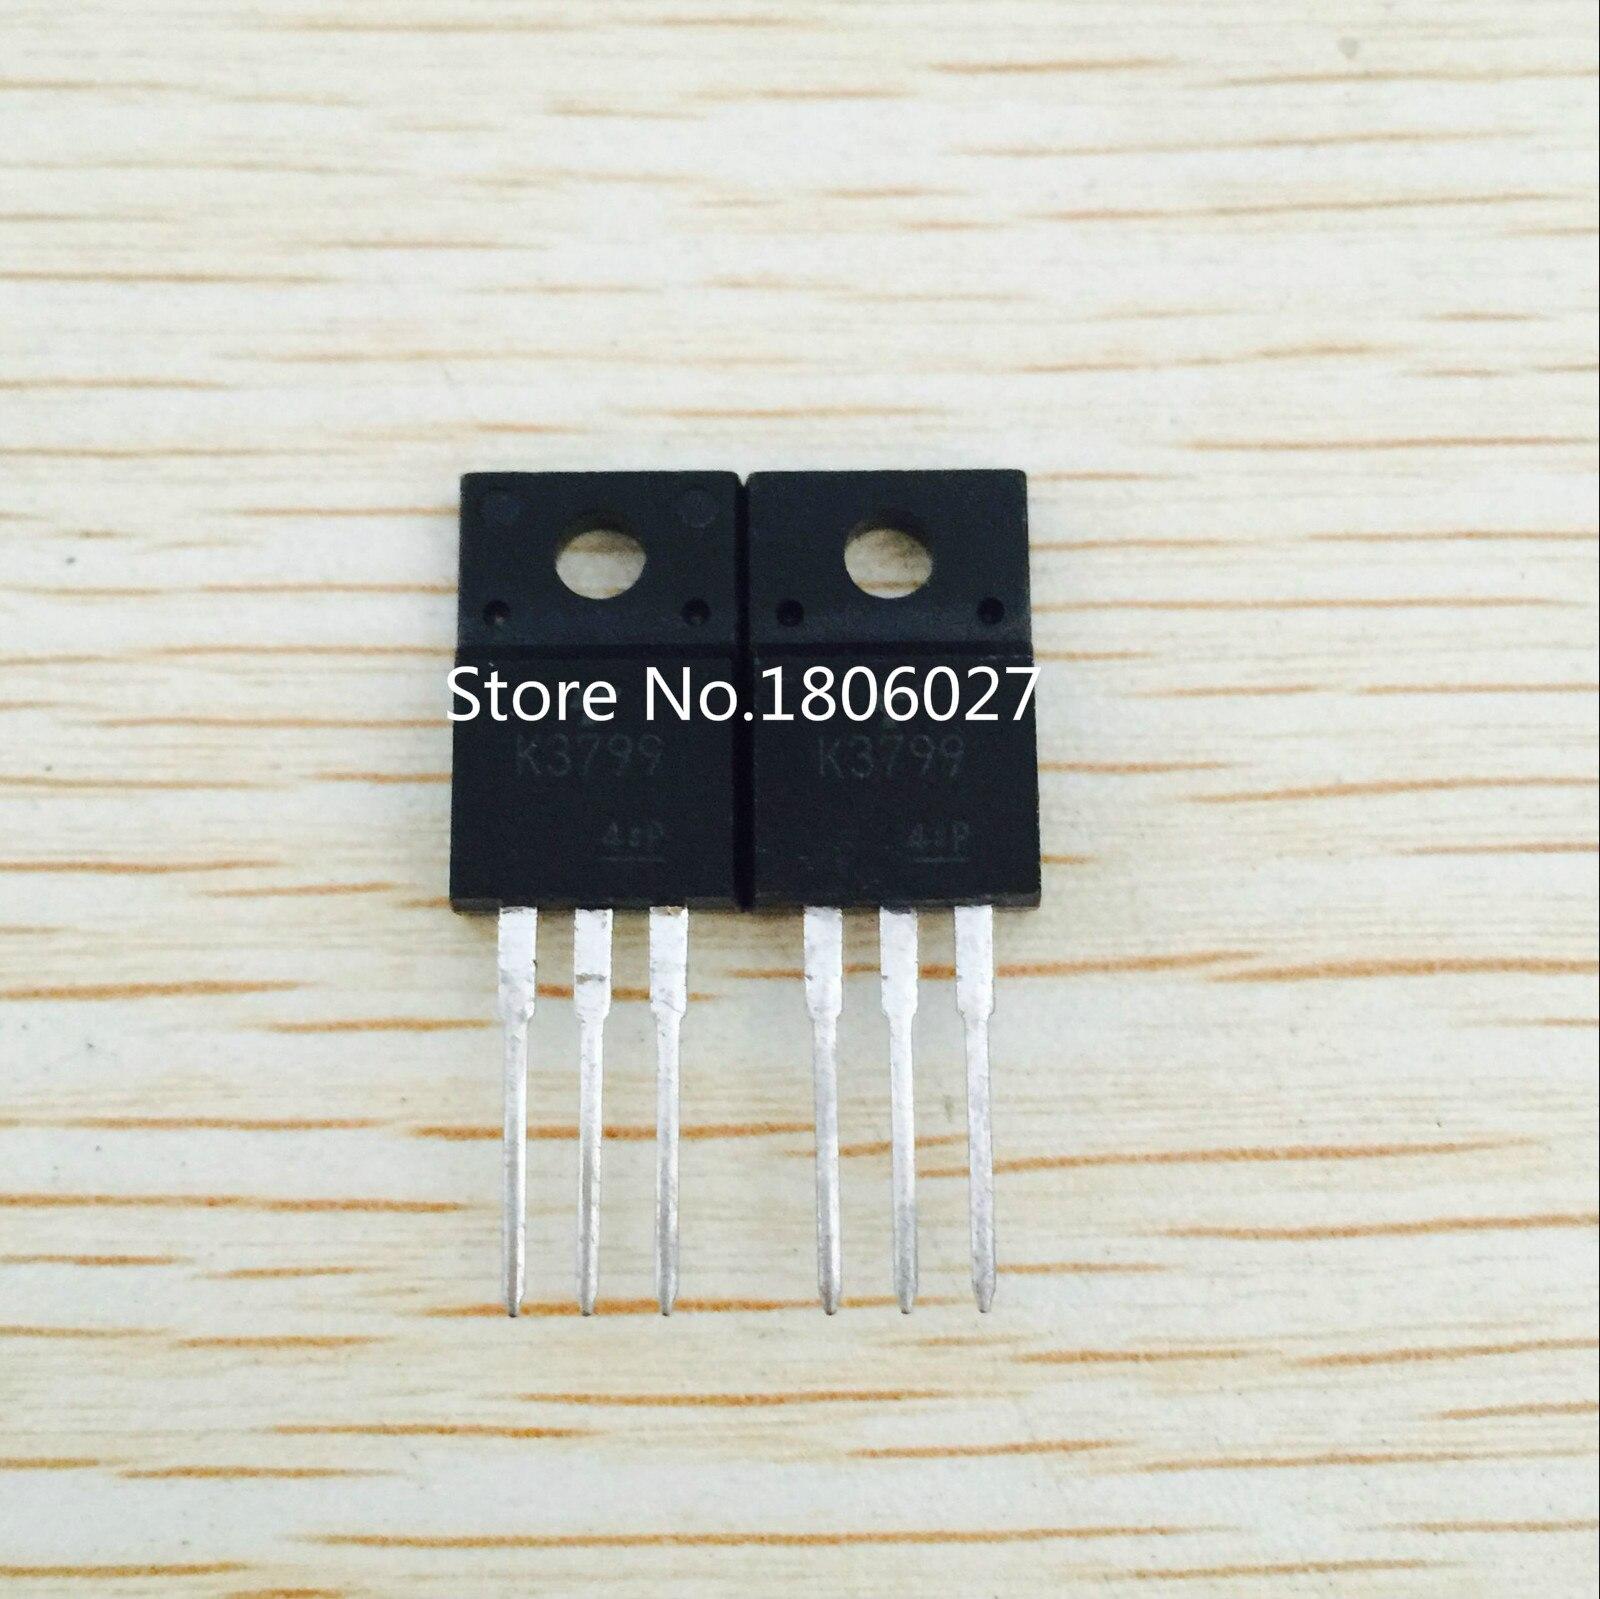 Enviar 20 piezas K3799 2SK3799 TO-220F 900V 8A el efecto de campo de tubo